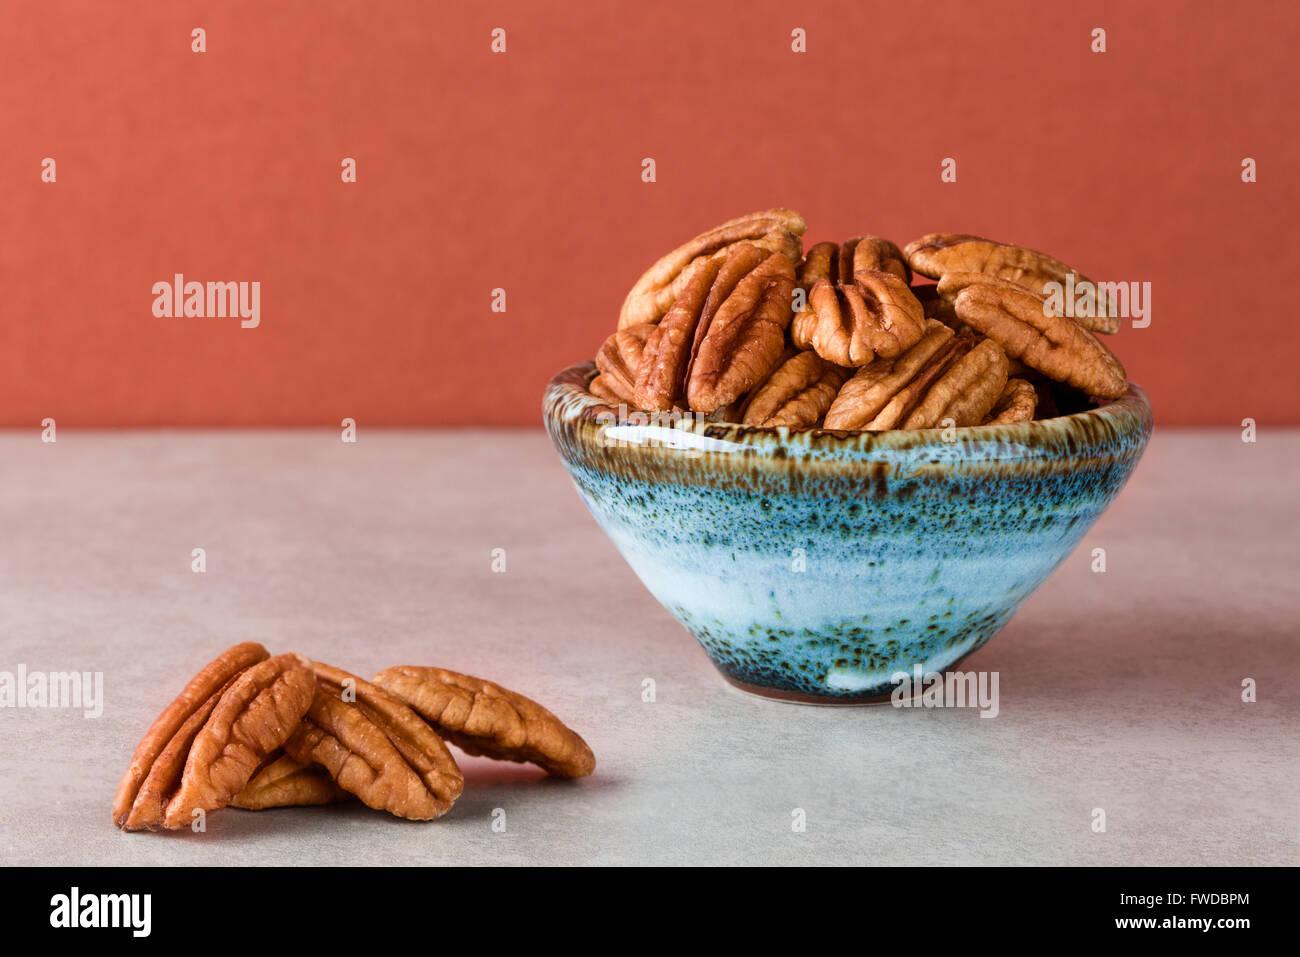 La pacana en superficie y en mármol cuenco de cerámica con fondo marrón. Copie el espacio, profundidad Imagen De Stock